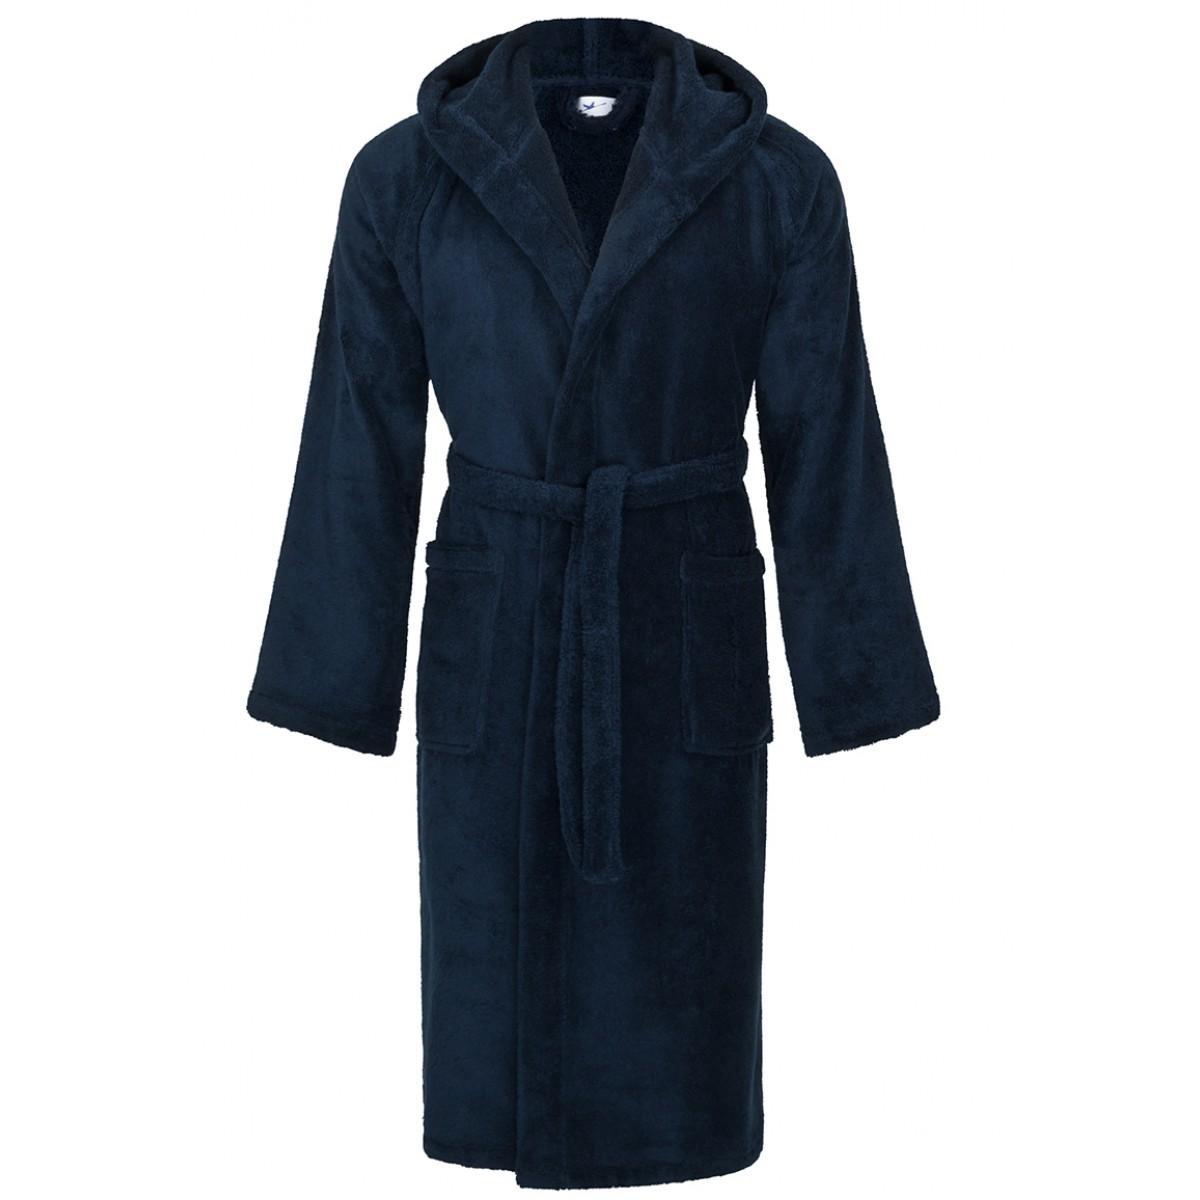 blauwe badjas badstof